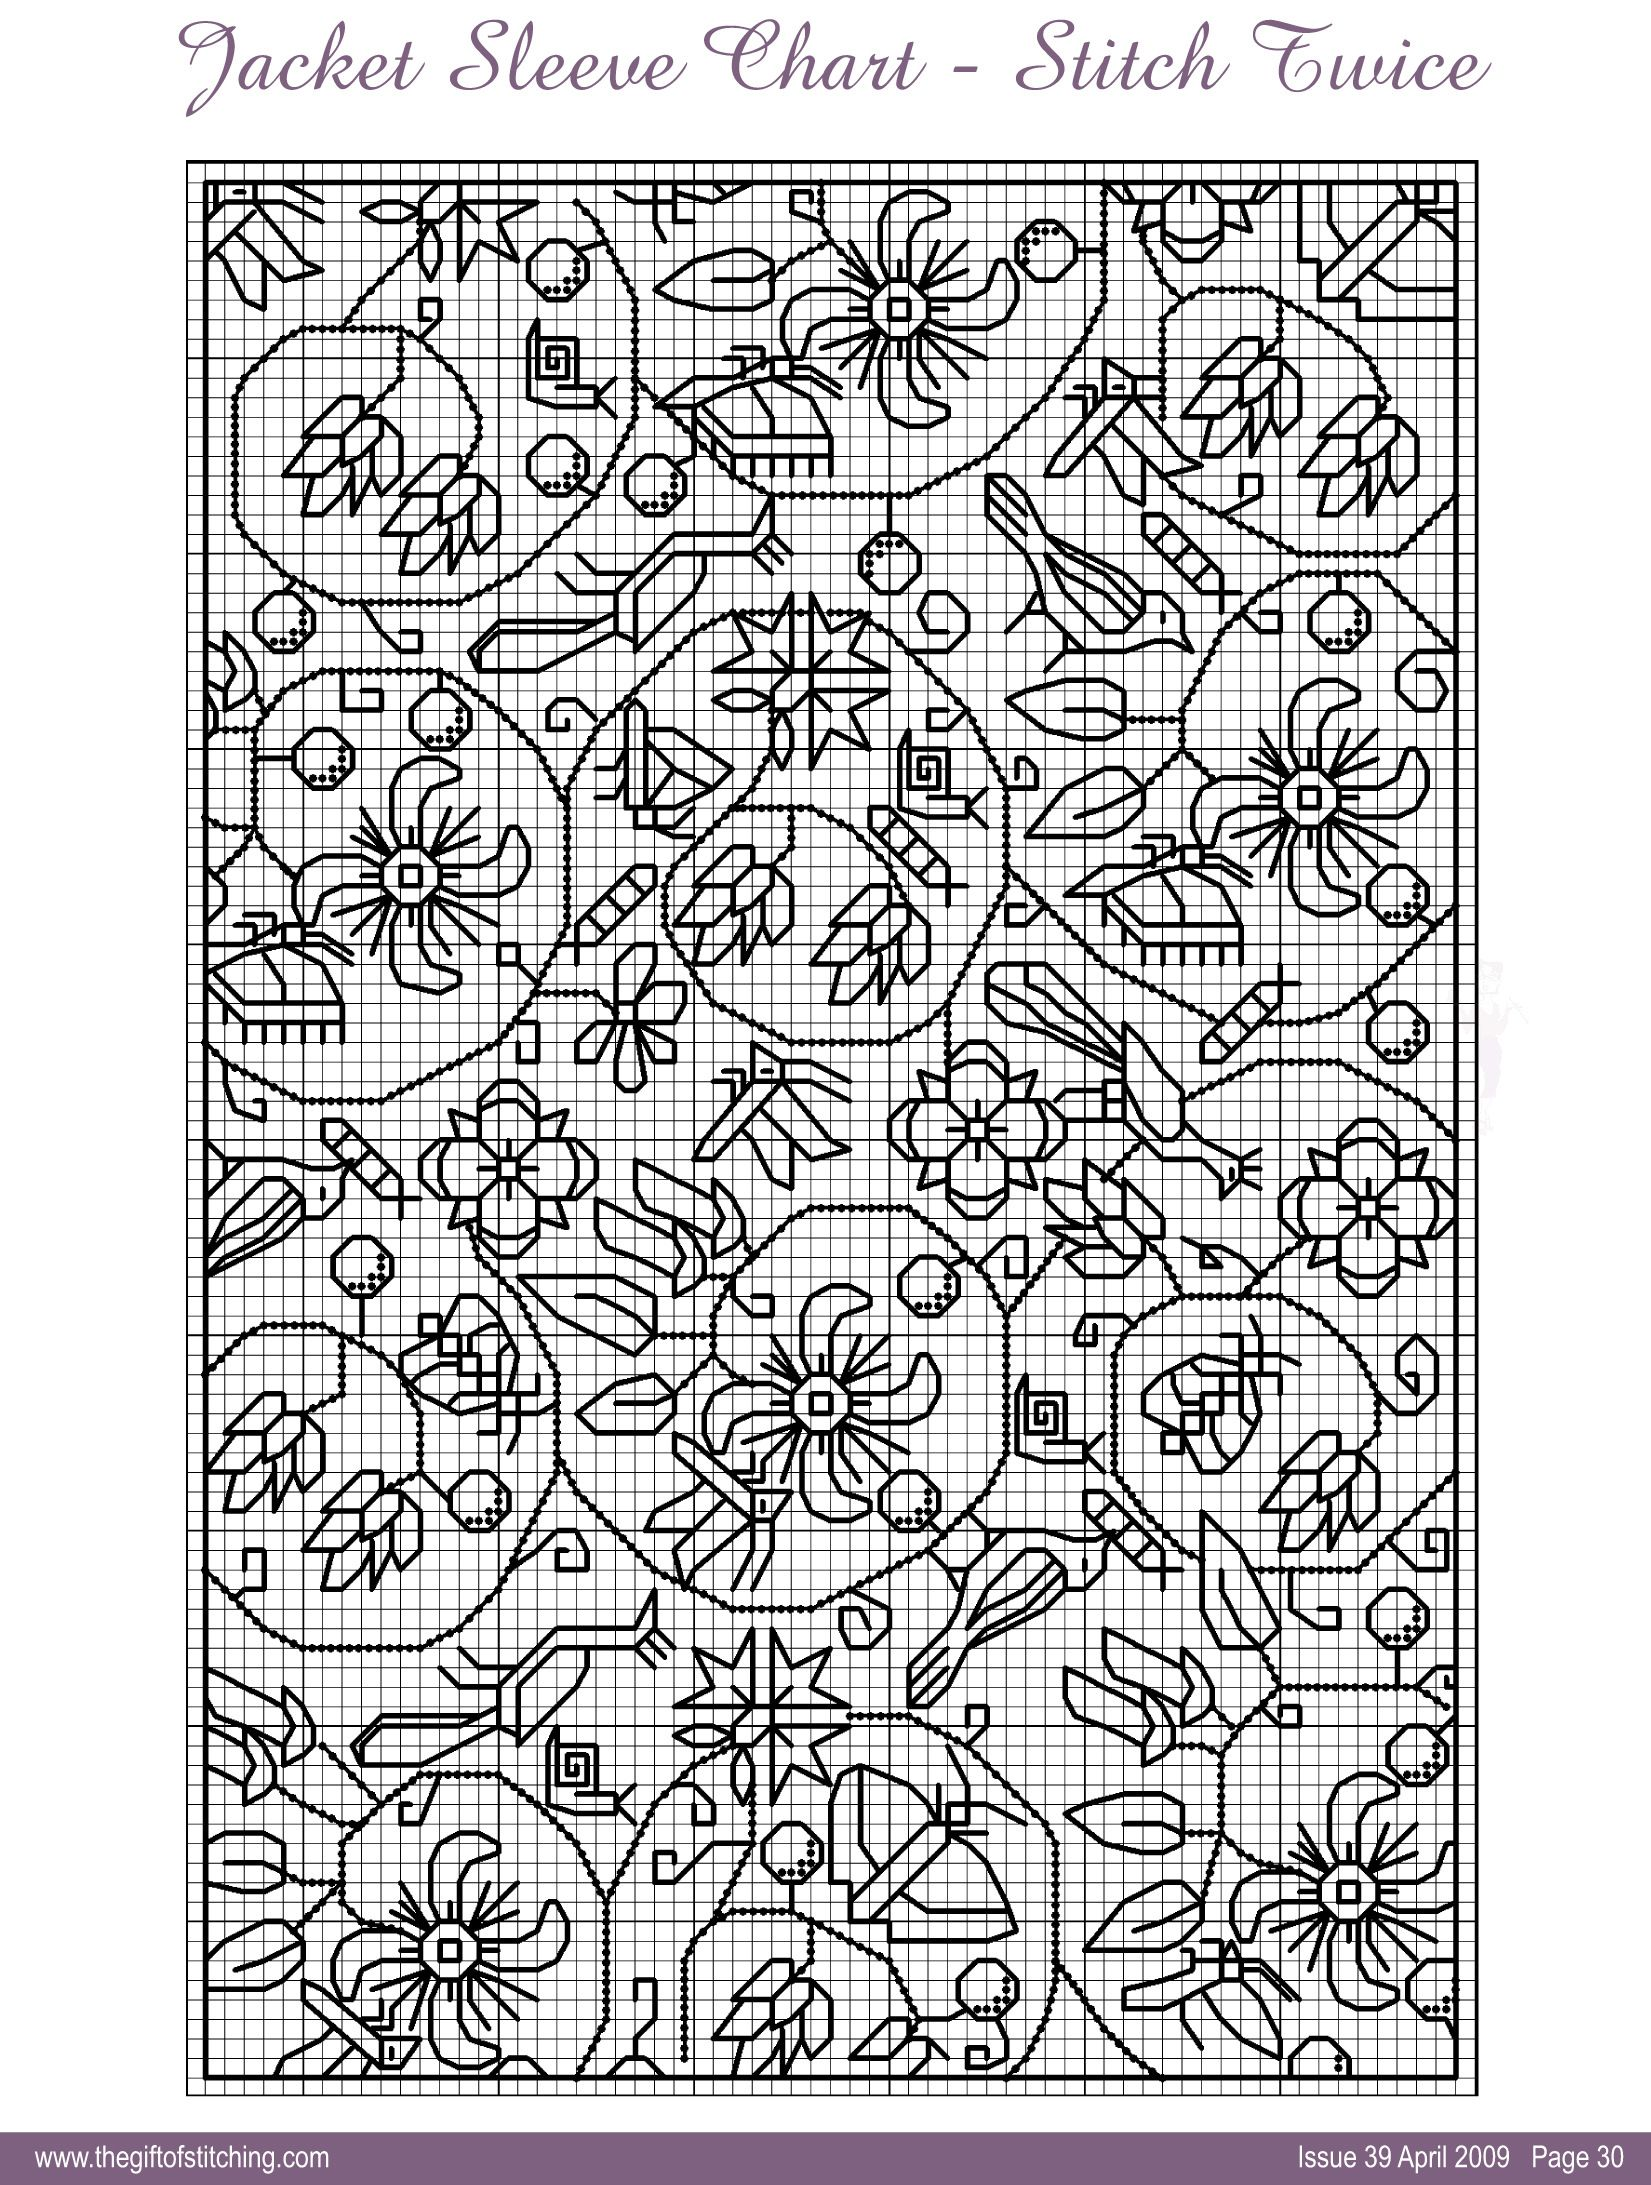 Pin de karina zuñiga en manualidades | Pinterest | Bordado, Bordado ...